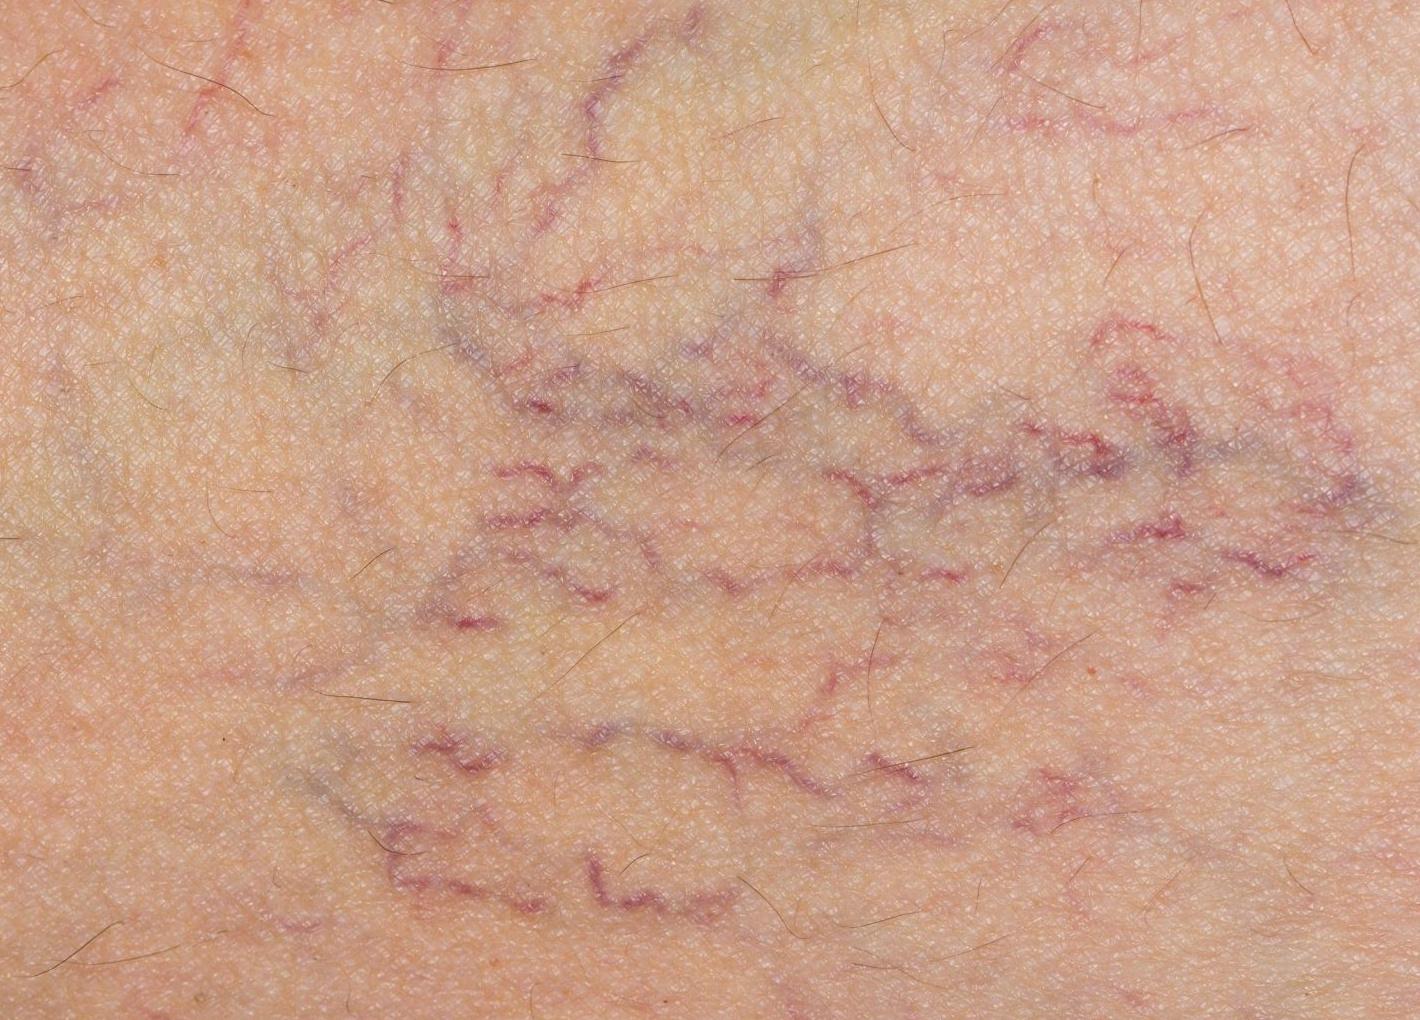 vörös foltok mastitis kezeléssel